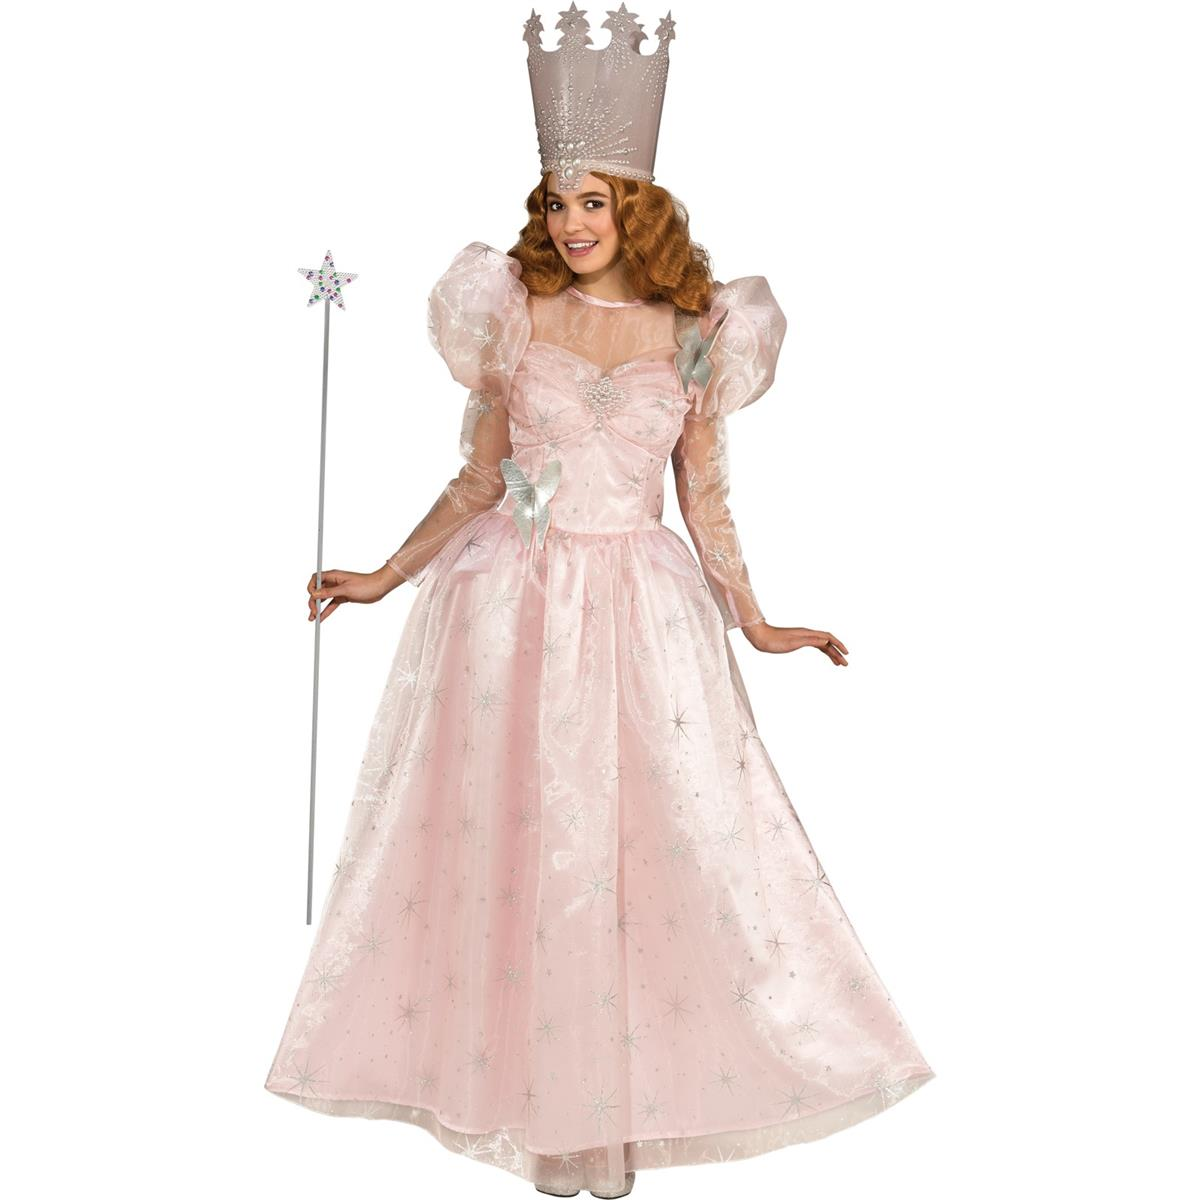 オズの魔法使い ハロウィン コスプレ 南の魔女 グリンダ 大人用デラックスコスチューム画像